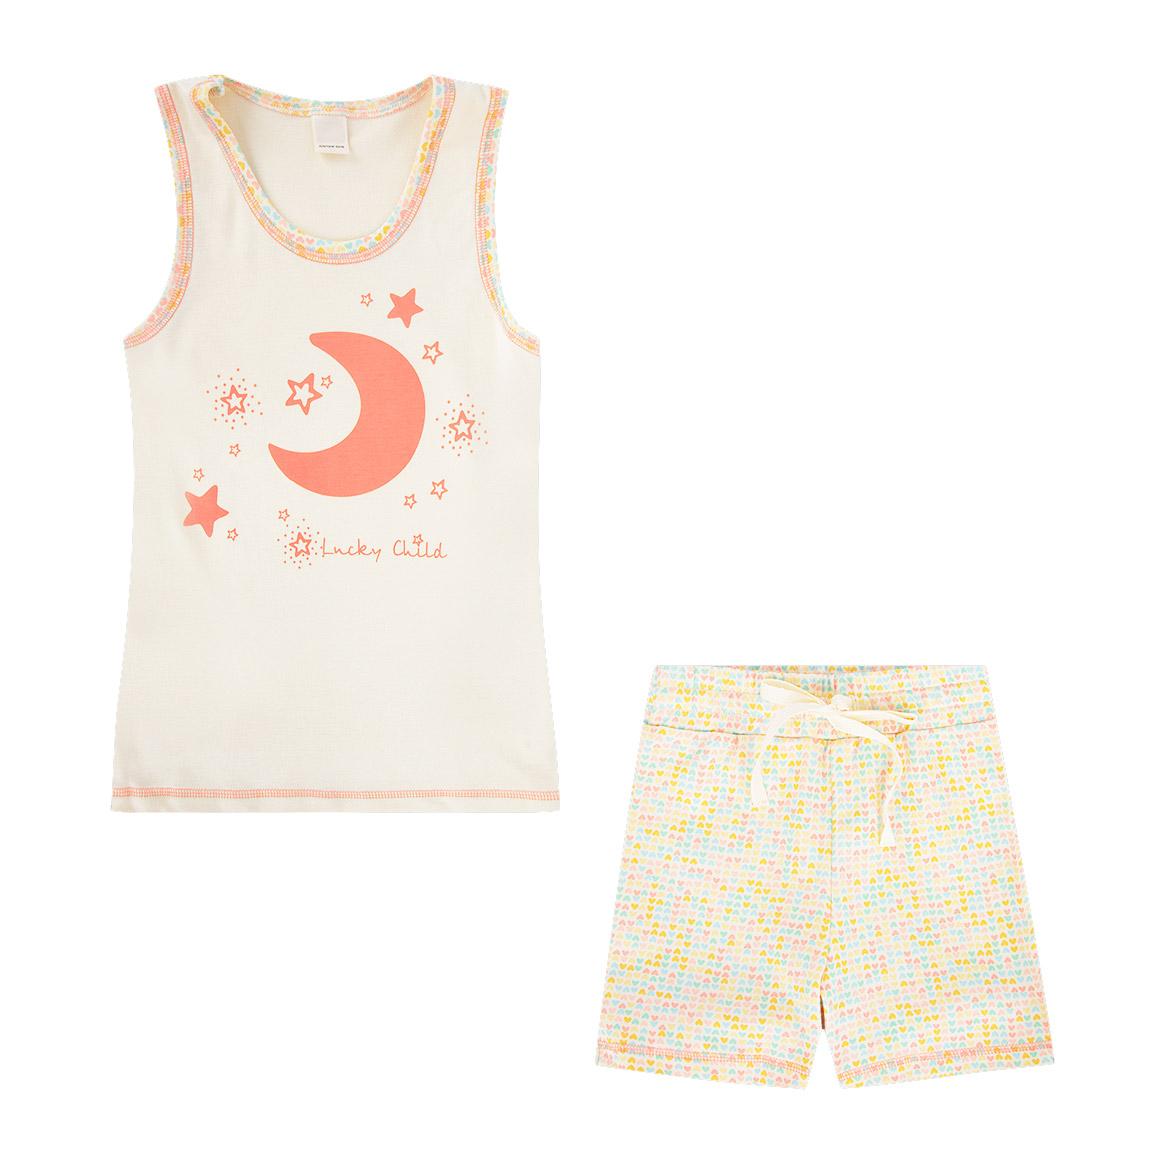 Купить Пижама Lucky Child для девочки 110-116, Бежевый, Интерлок, Для девочек, Весна-Лето,